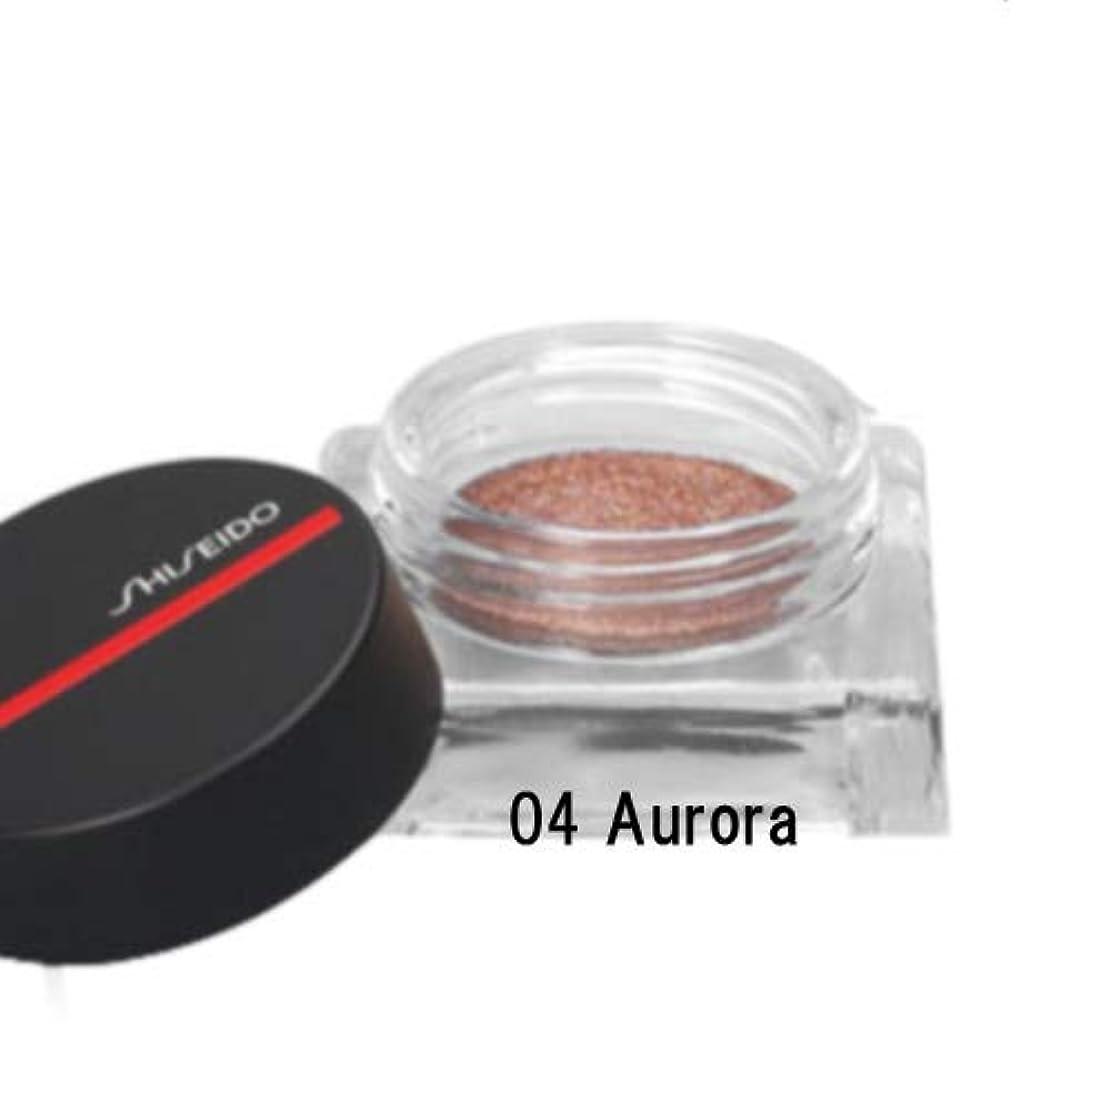 ラック合併症病院SHISEIDO メーキャップ(シセイドウ メーキャップ) SHISEIDO(資生堂) オーラデュウ プリズム 4.8g #04 Aurora